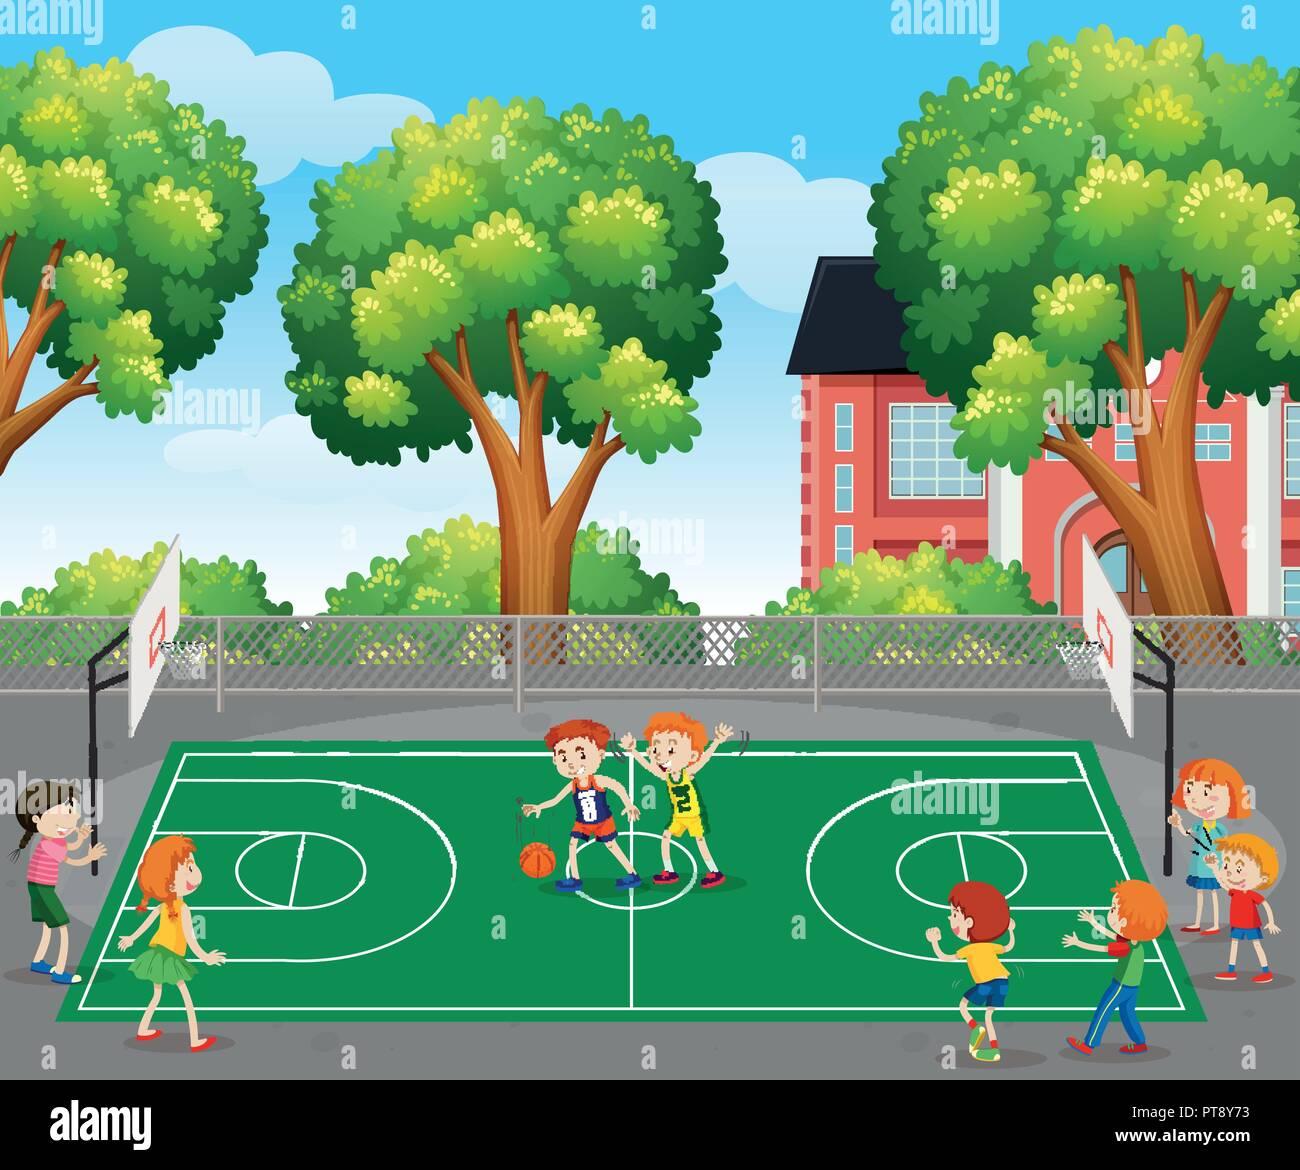 Ragazzi Che Giocano A Basket Illustrazione Della Scena Illustrazione